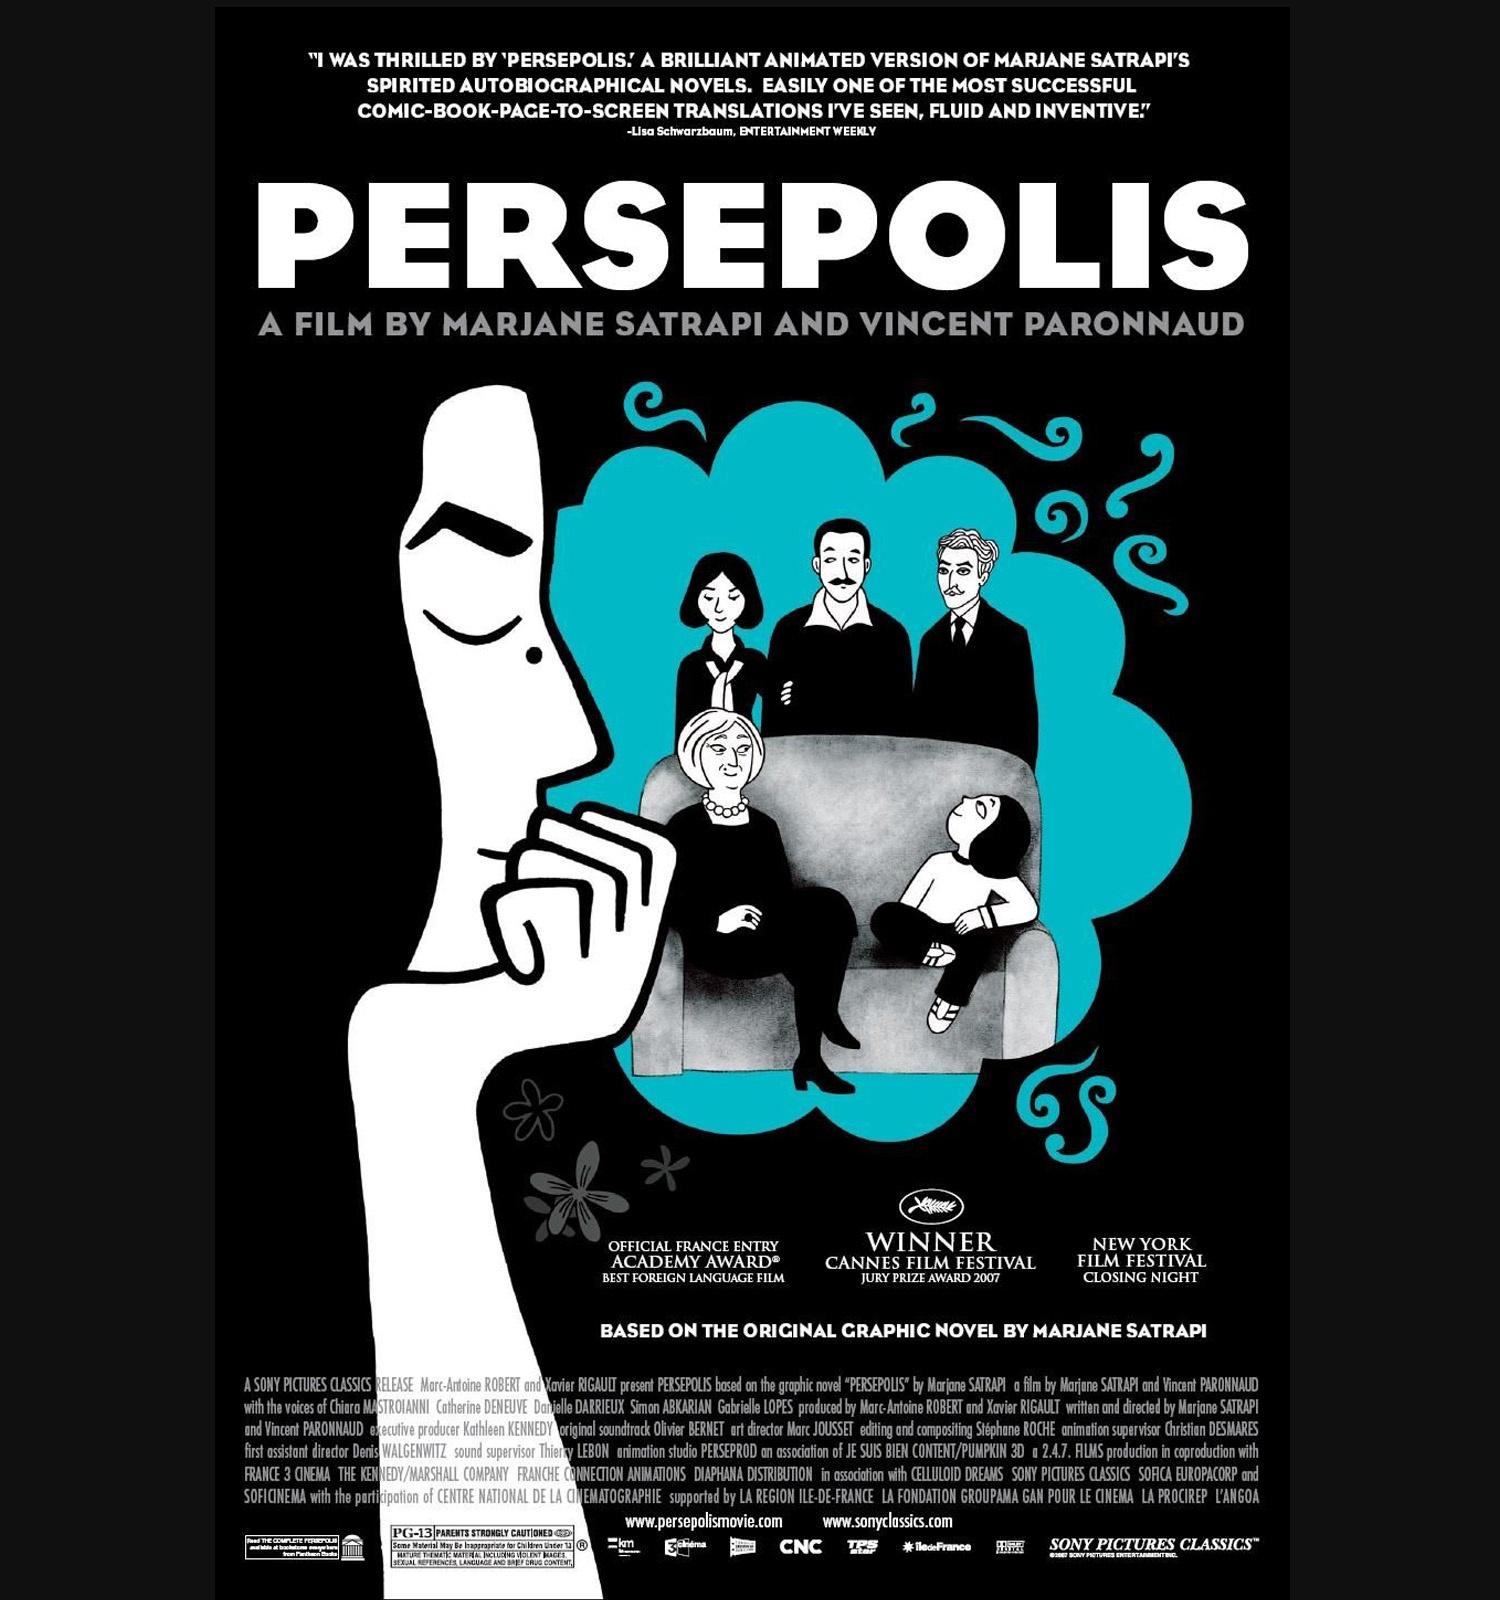 Cartel de la película Persepolis